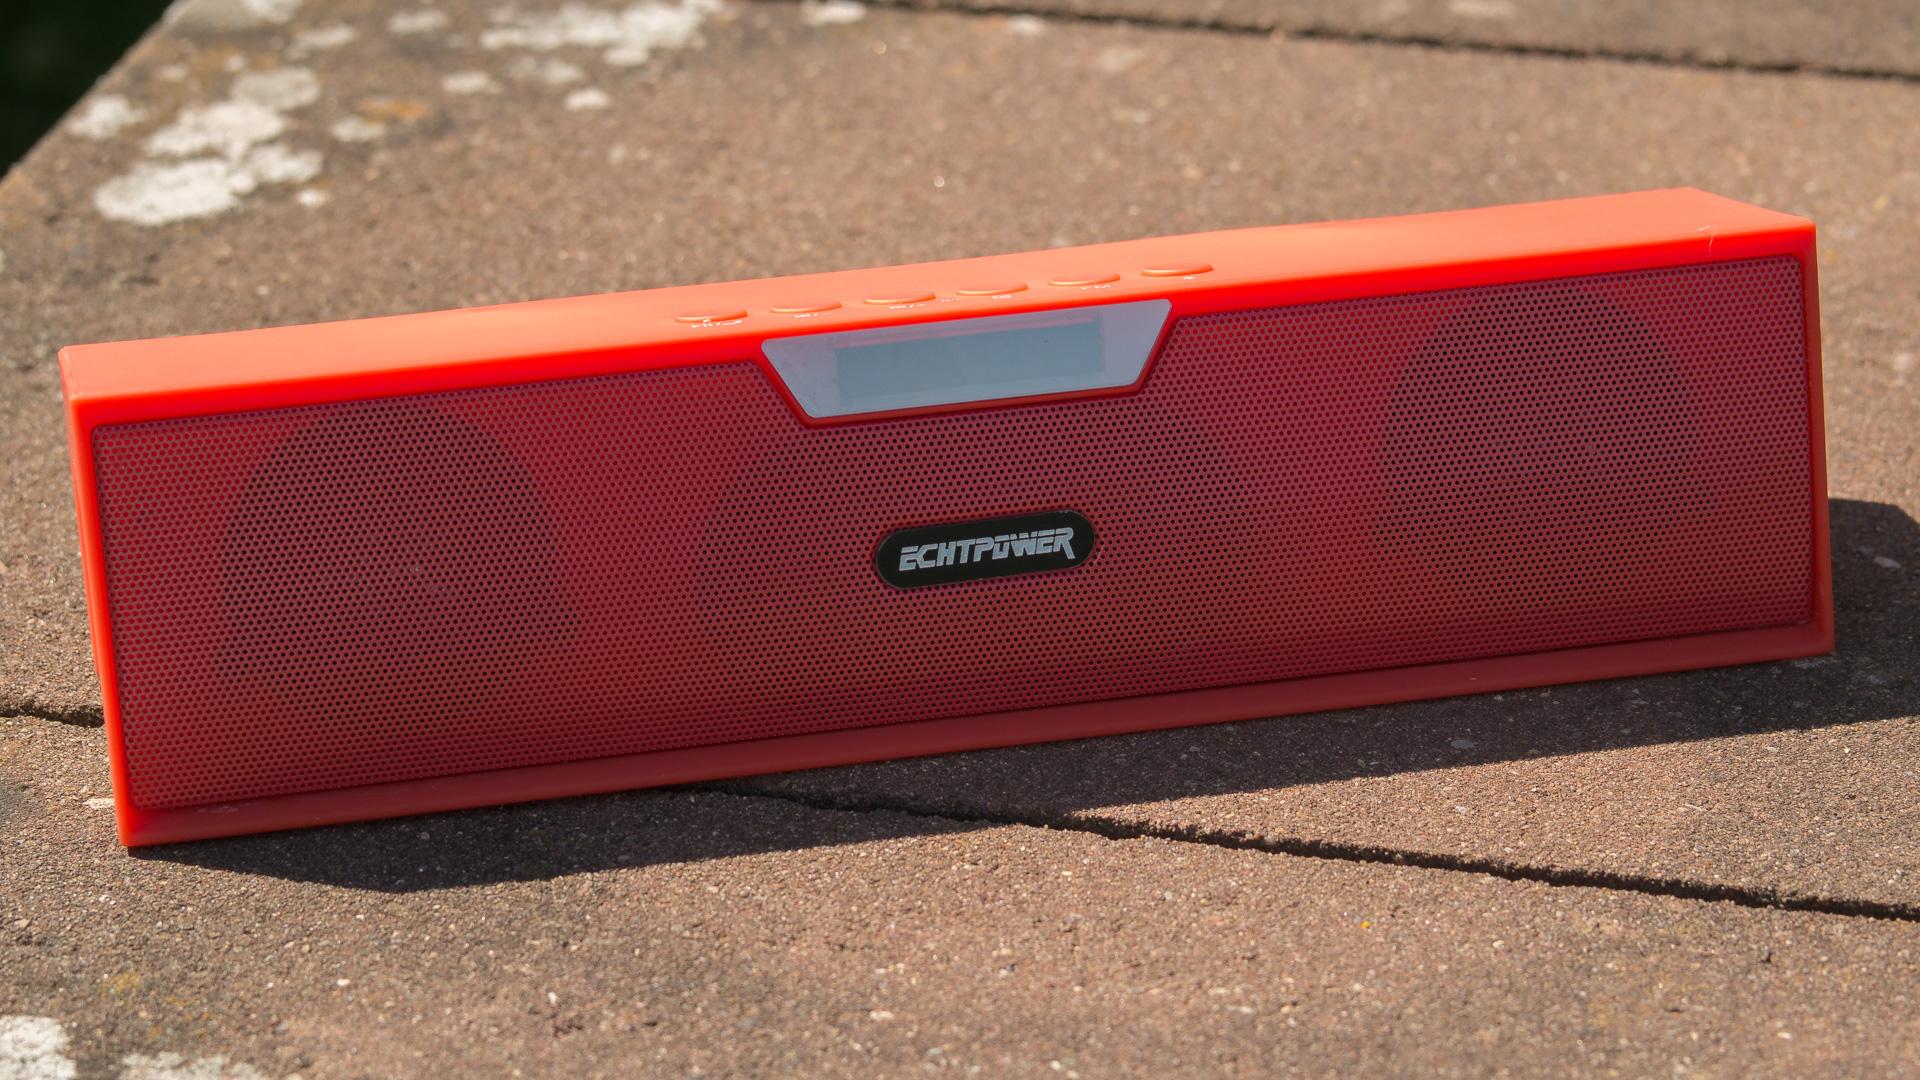 das perfekte schlafzimmer oder küchen radio / bluetooth ... - Bluetooth Radio Küche